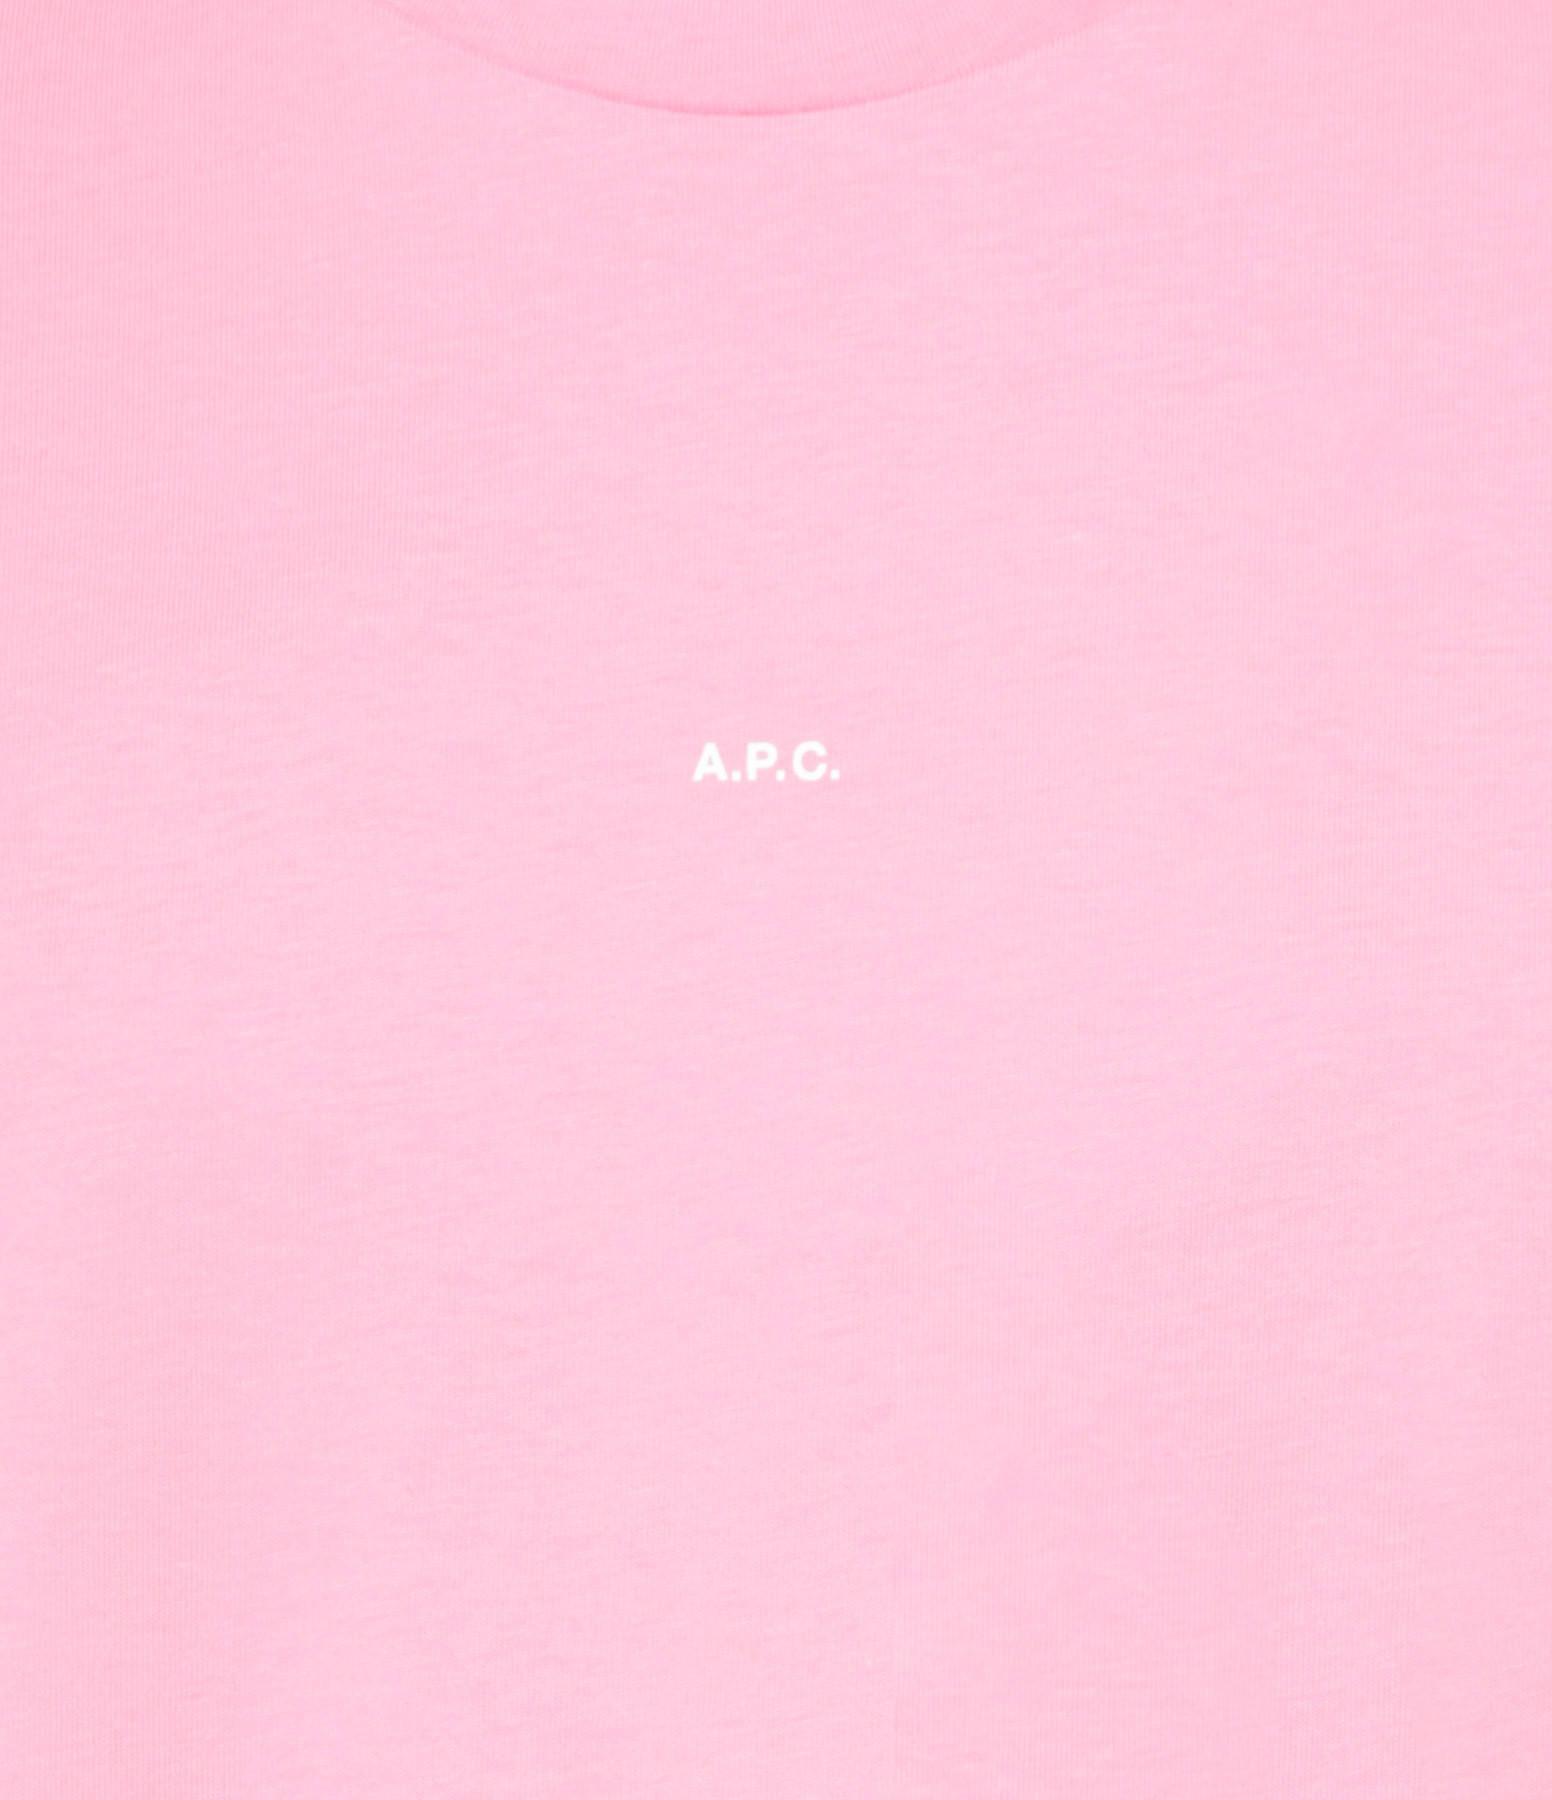 A.P.C. - Tee-shirt Jade Rose